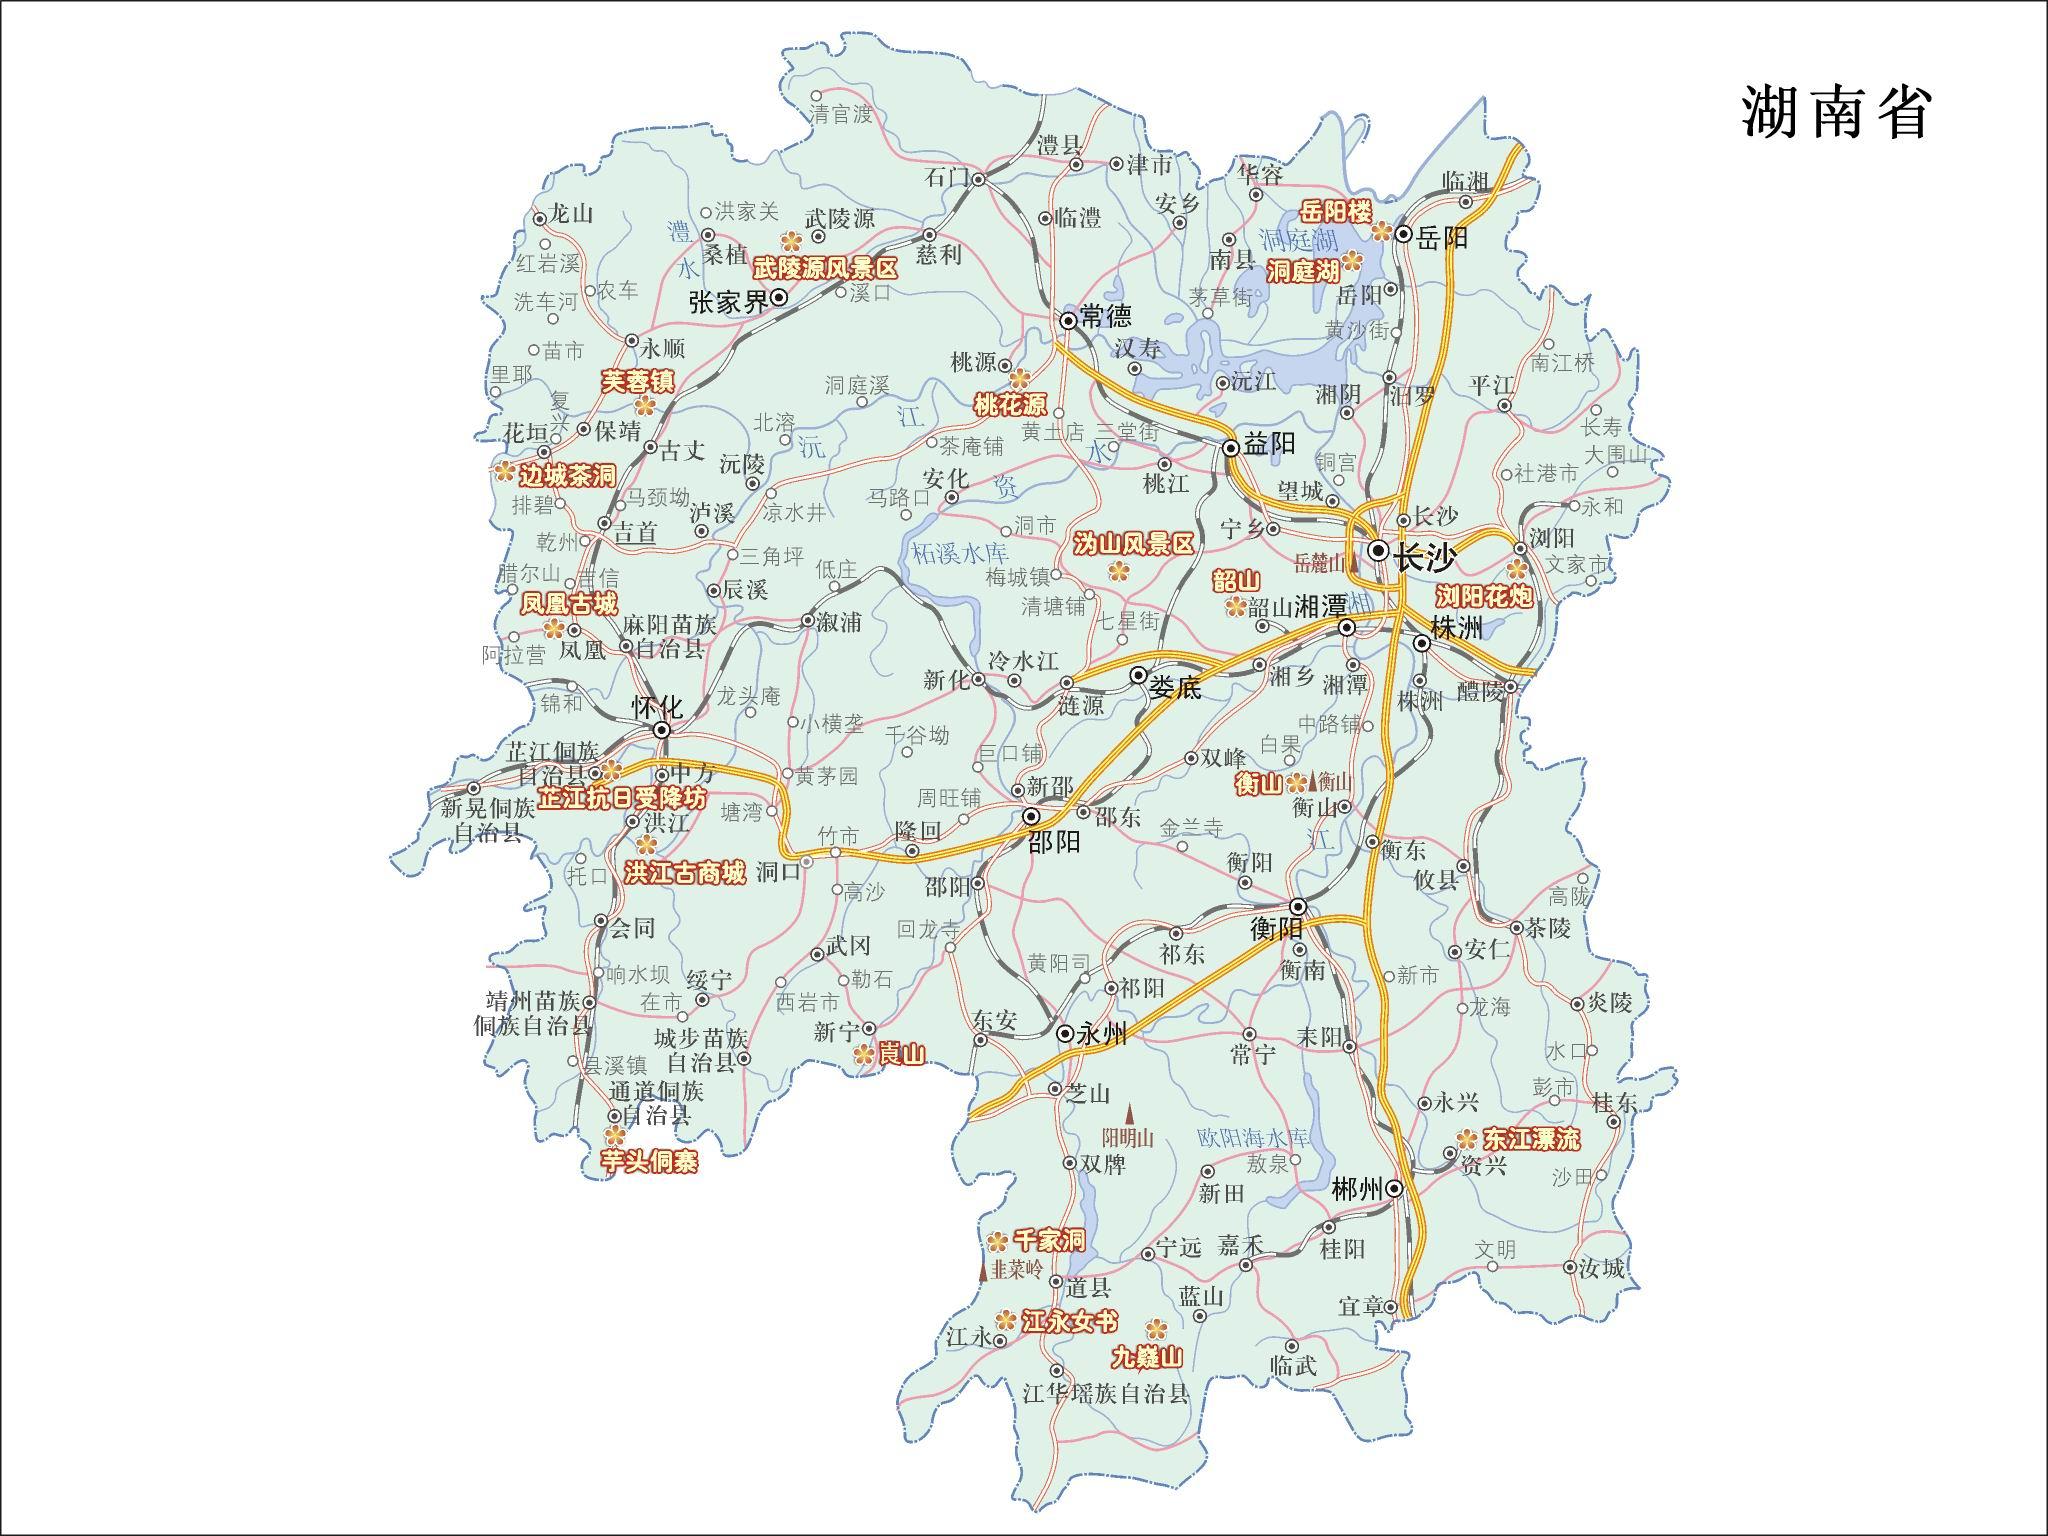 2013卫星地图高清版_求湖南地图全图高清版,有各县市就可以了,谢谢了 !_百度知道